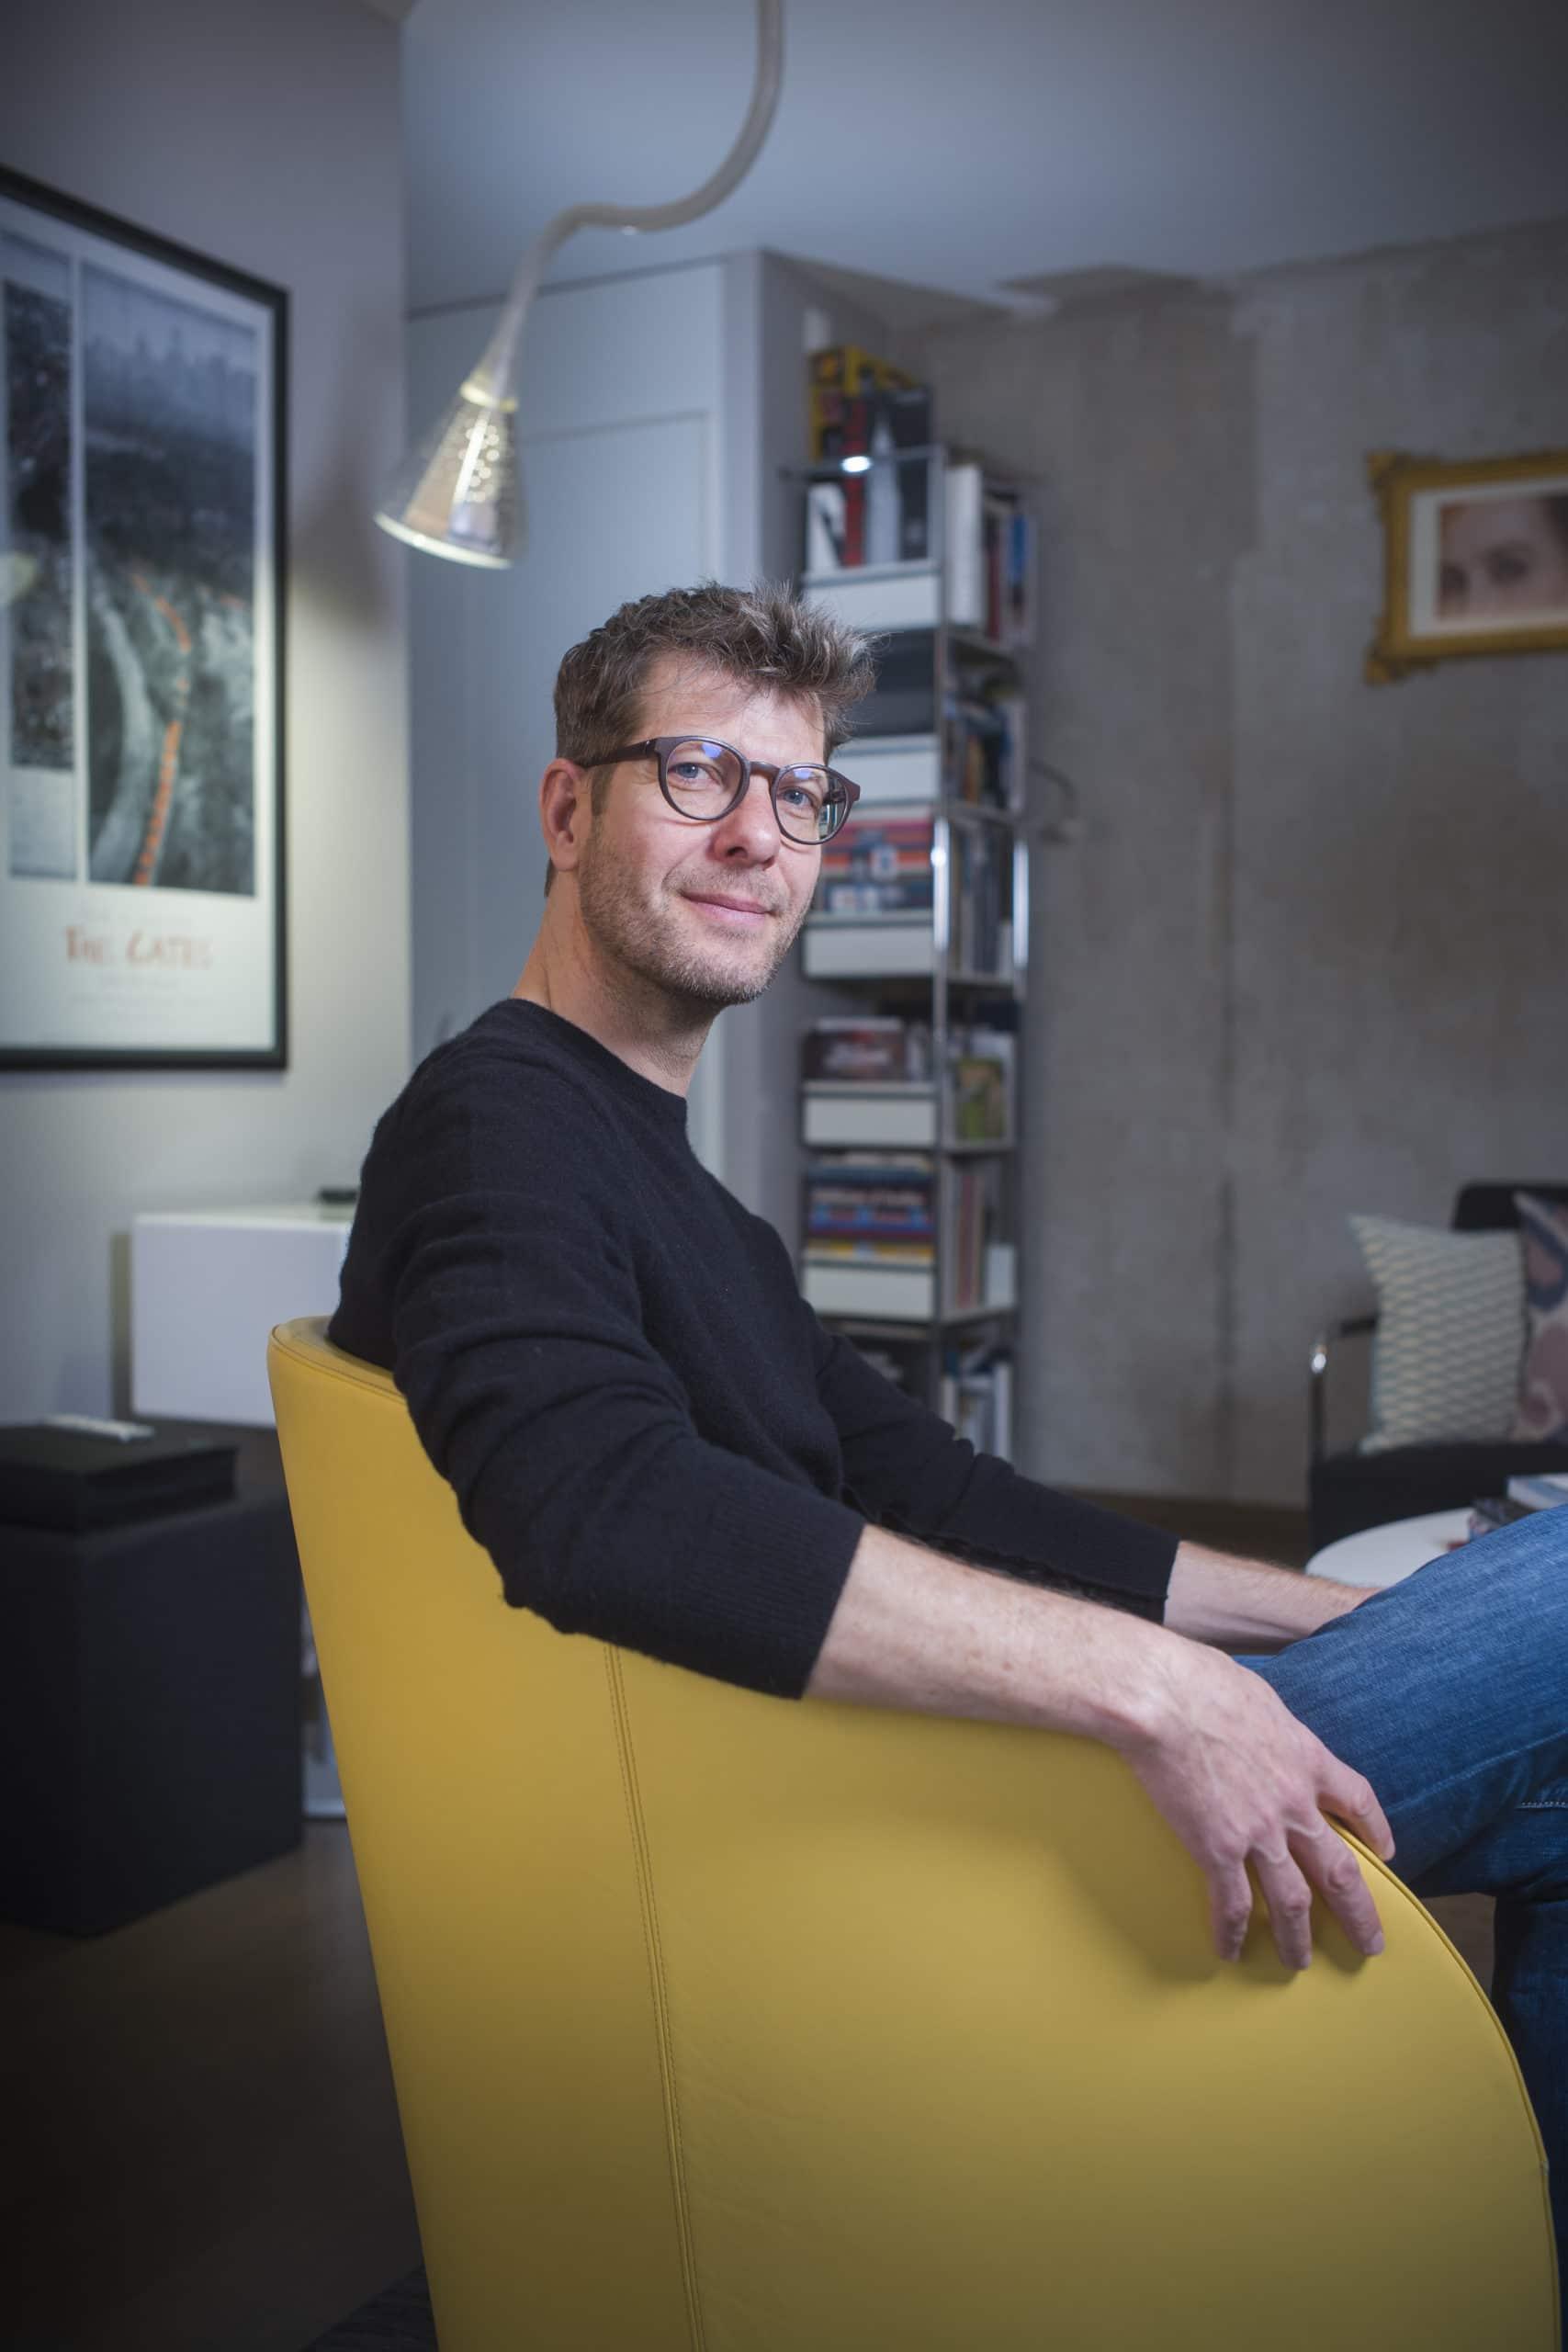 Portrait de Dominique, membre du Forum Citoyen de Genève